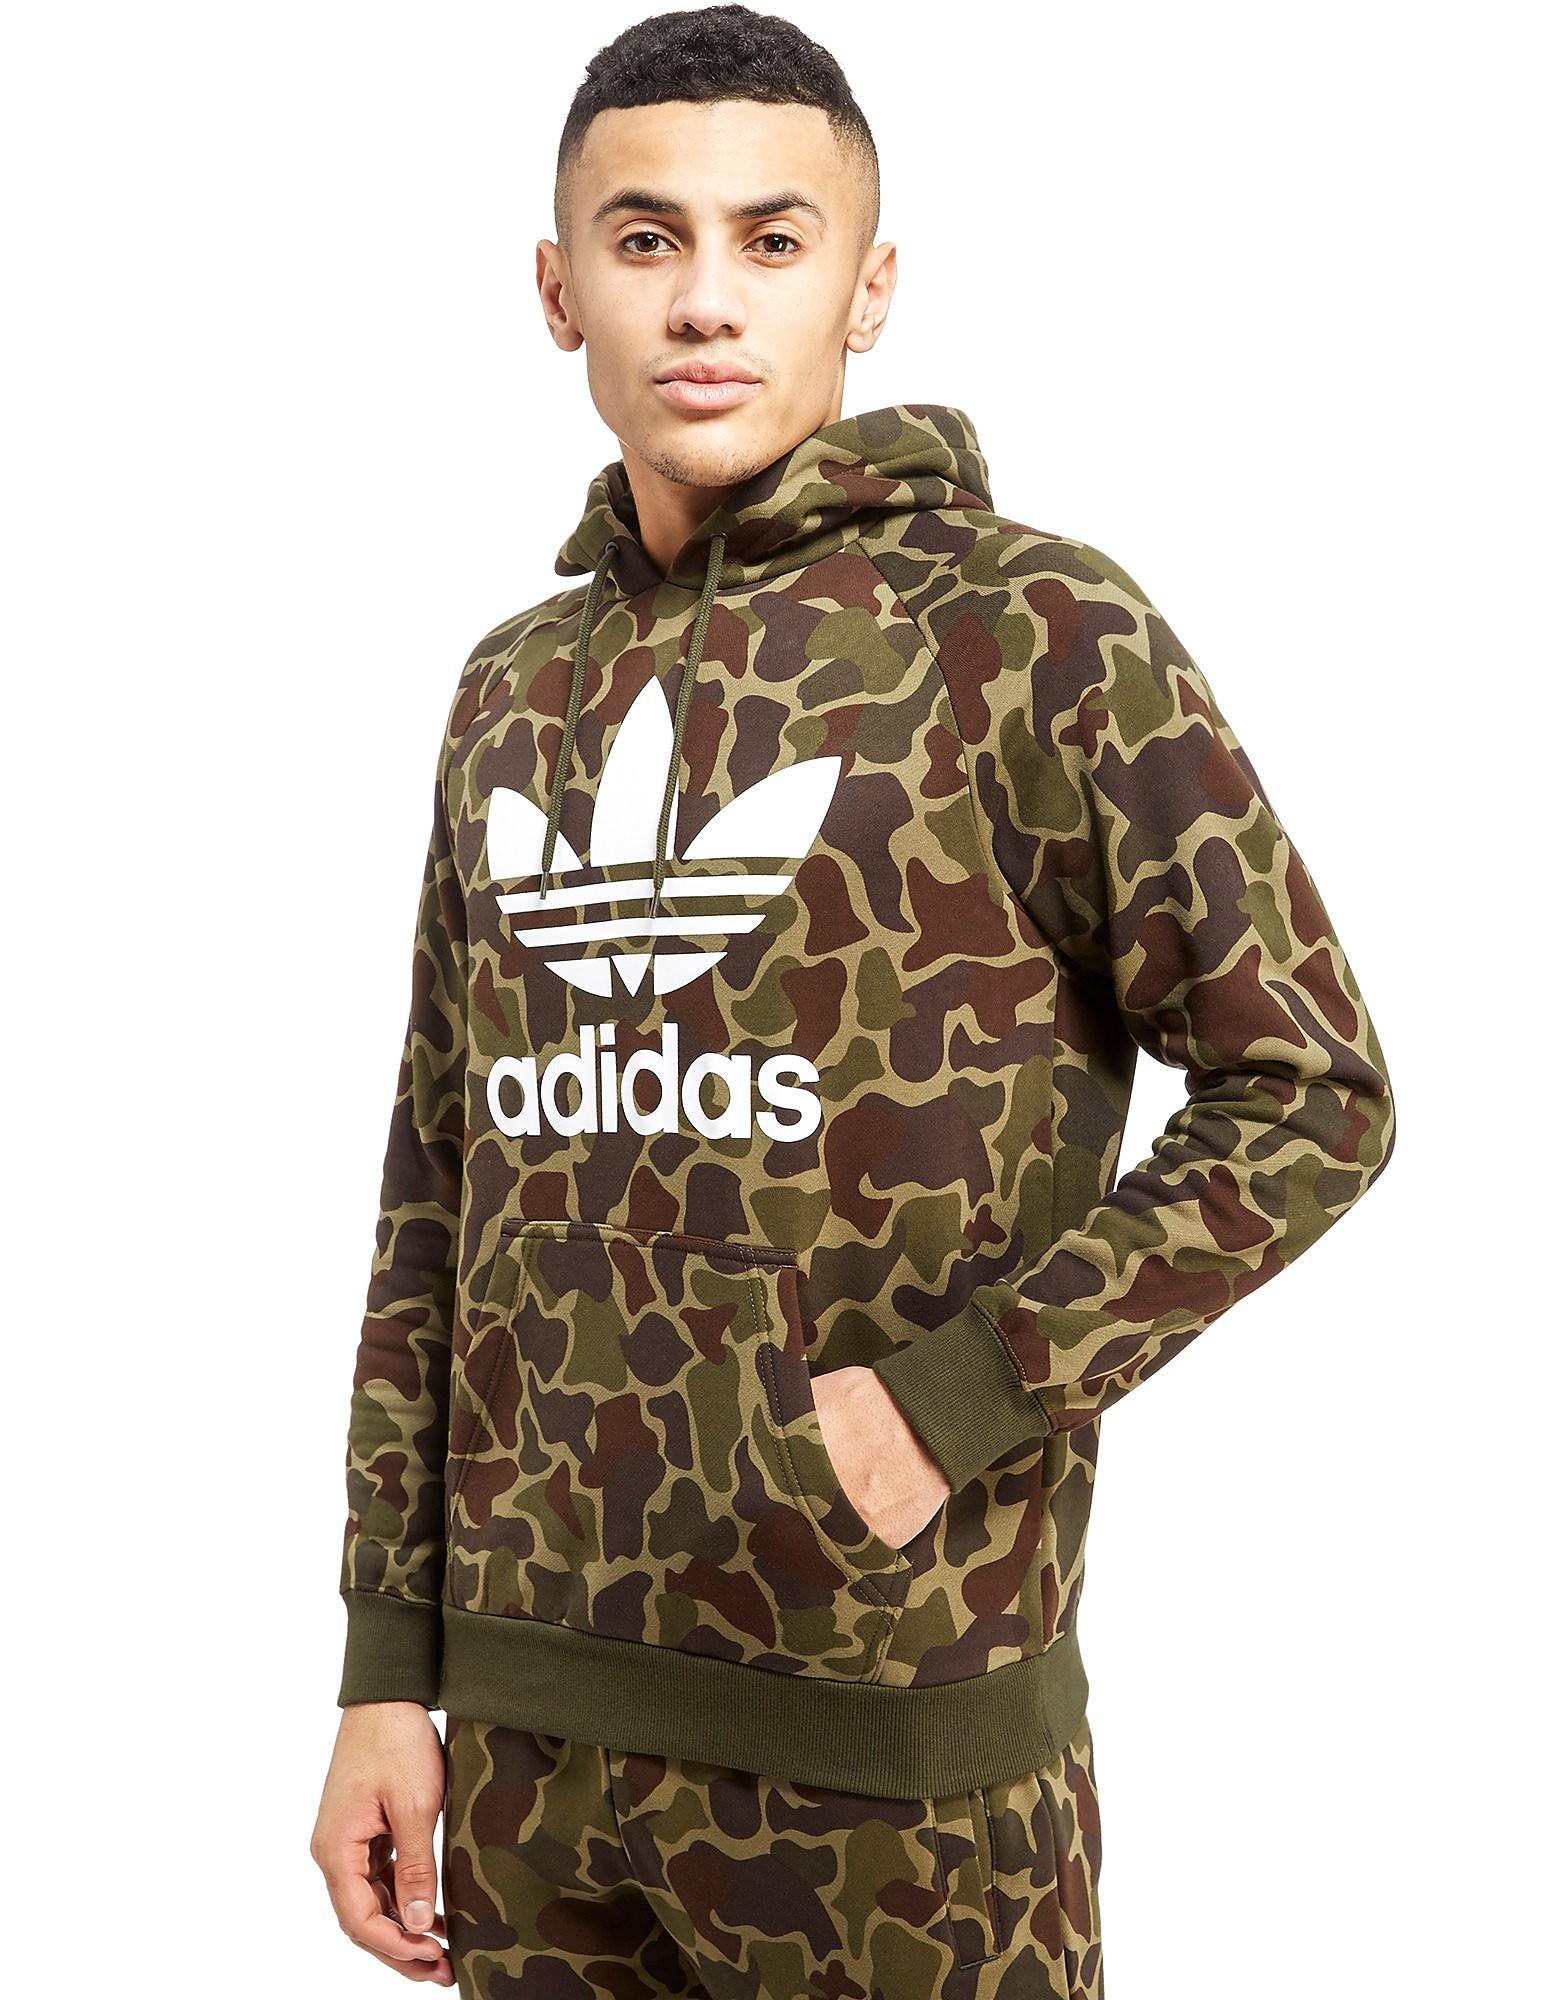 adidas Originals Camouflage Hoody